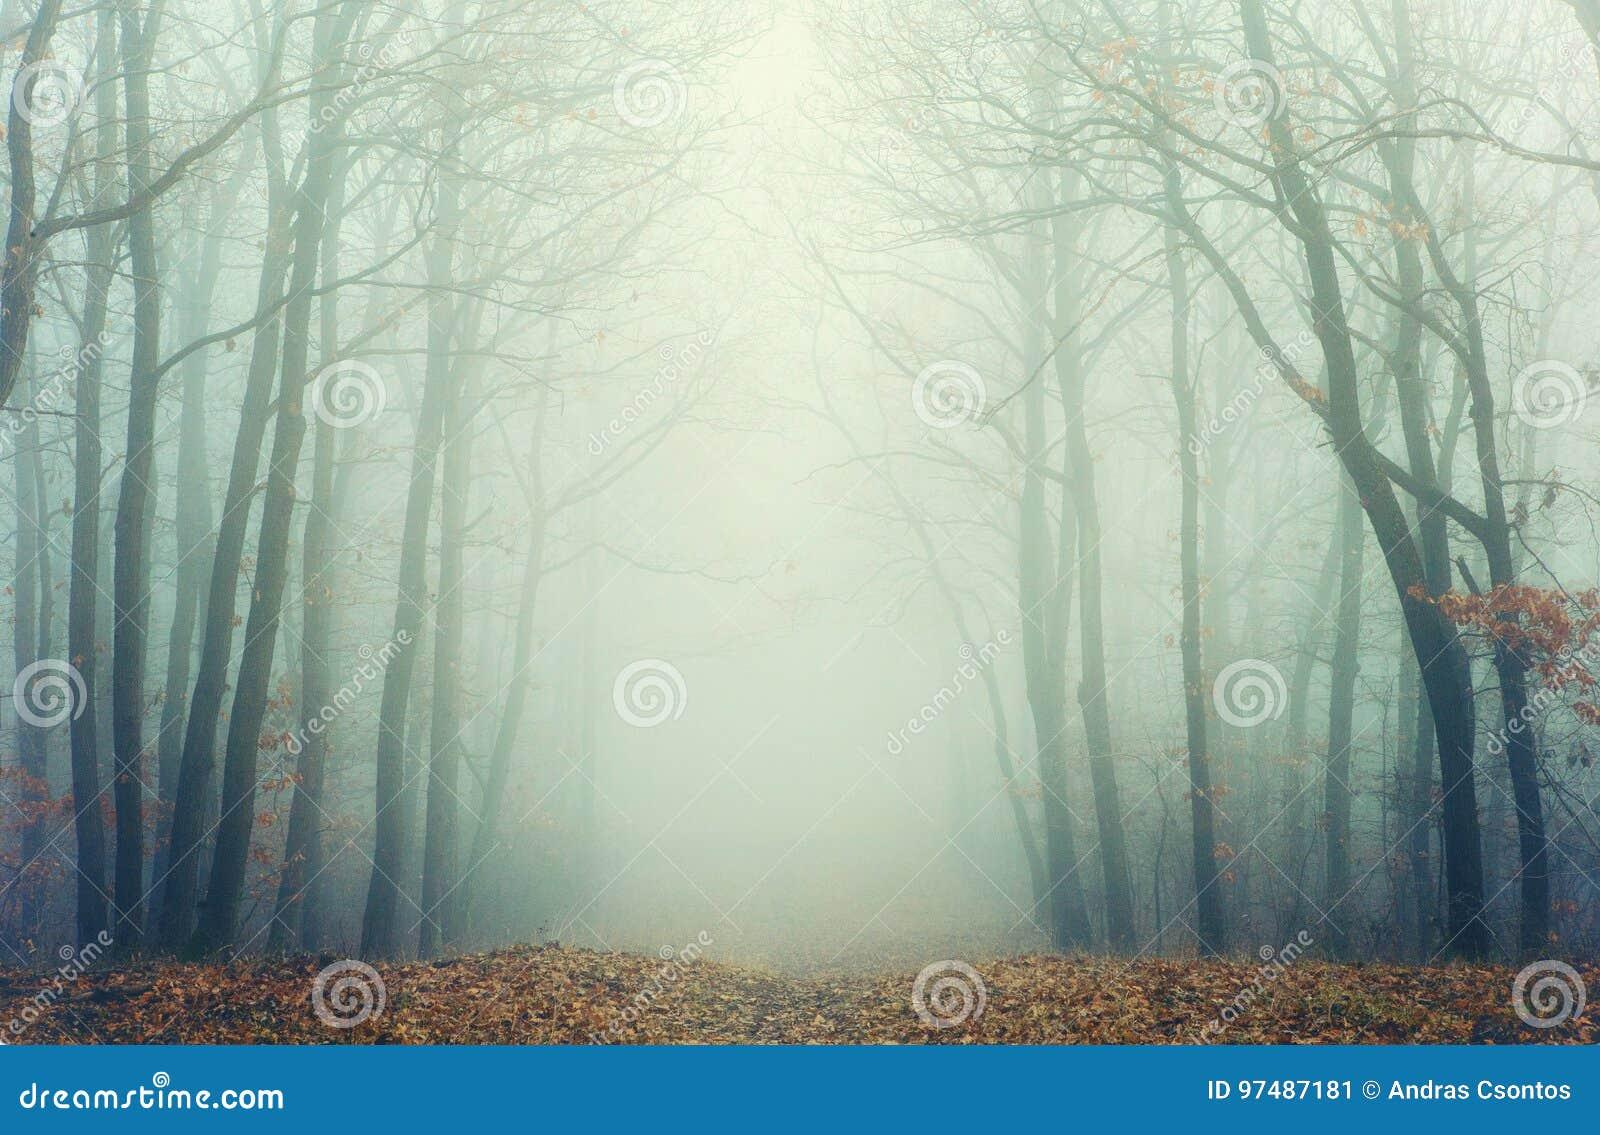 Foto artistica di una foresta nebbiosa con gli alberi sfrondati